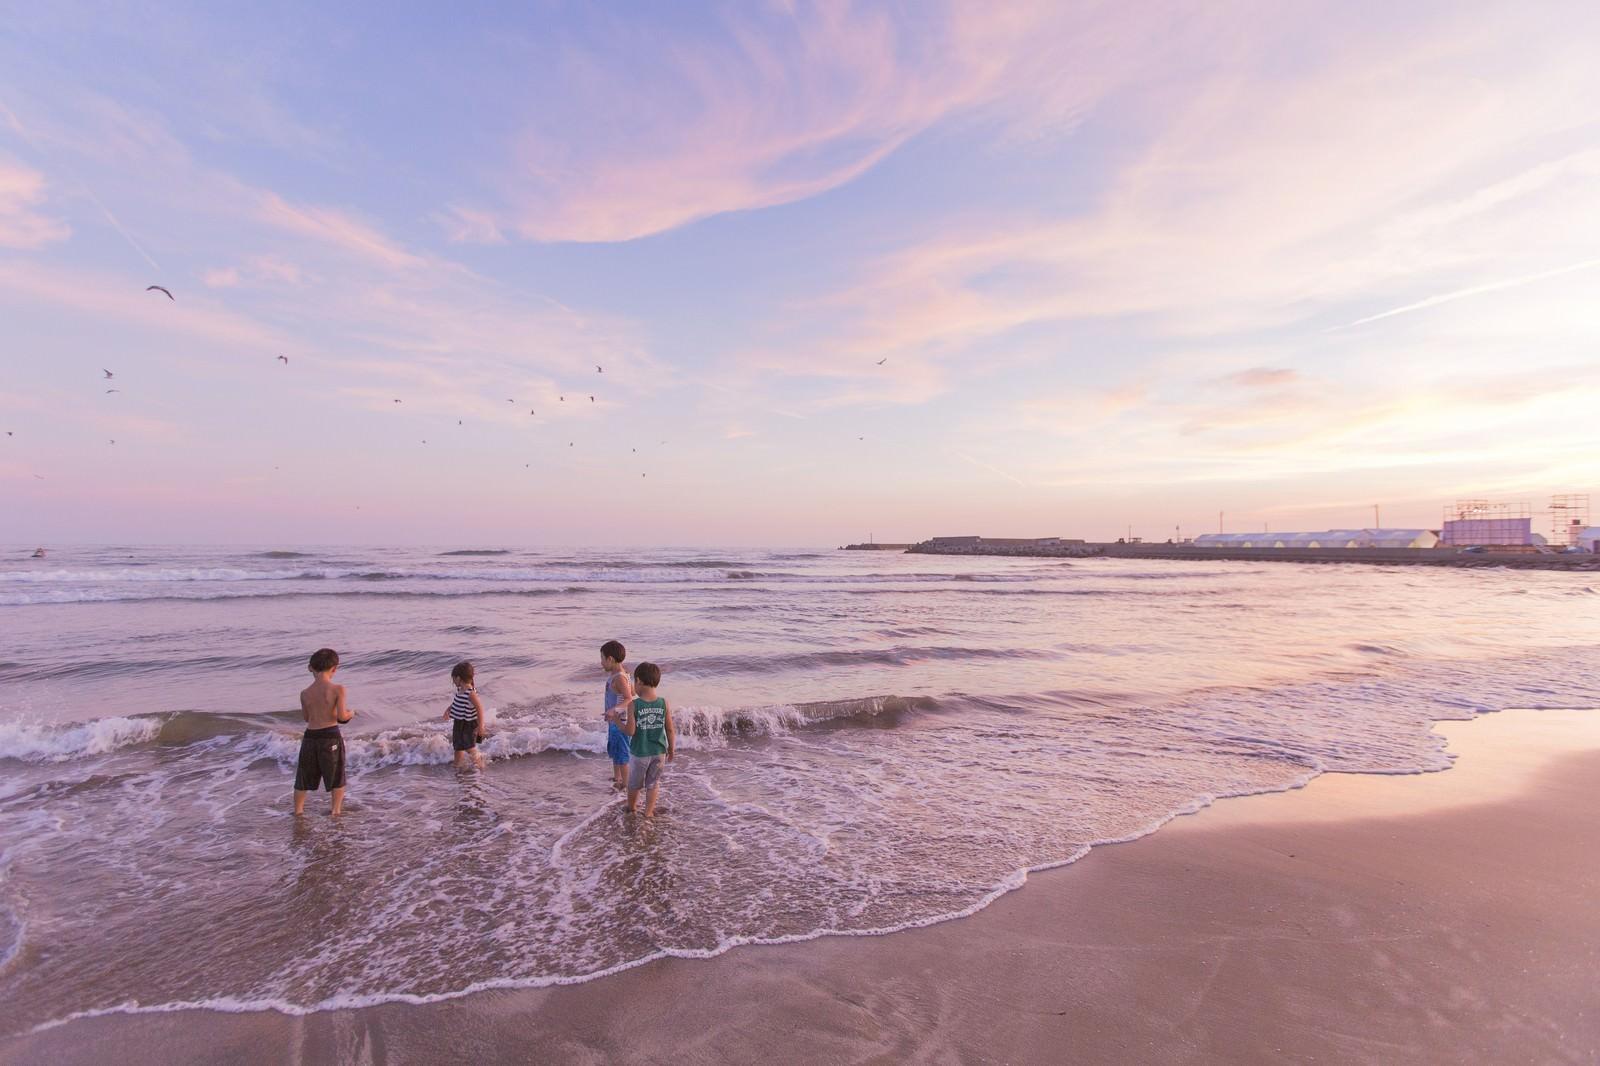 「夕暮れに浜辺で遊ぶ子どもたち」の写真